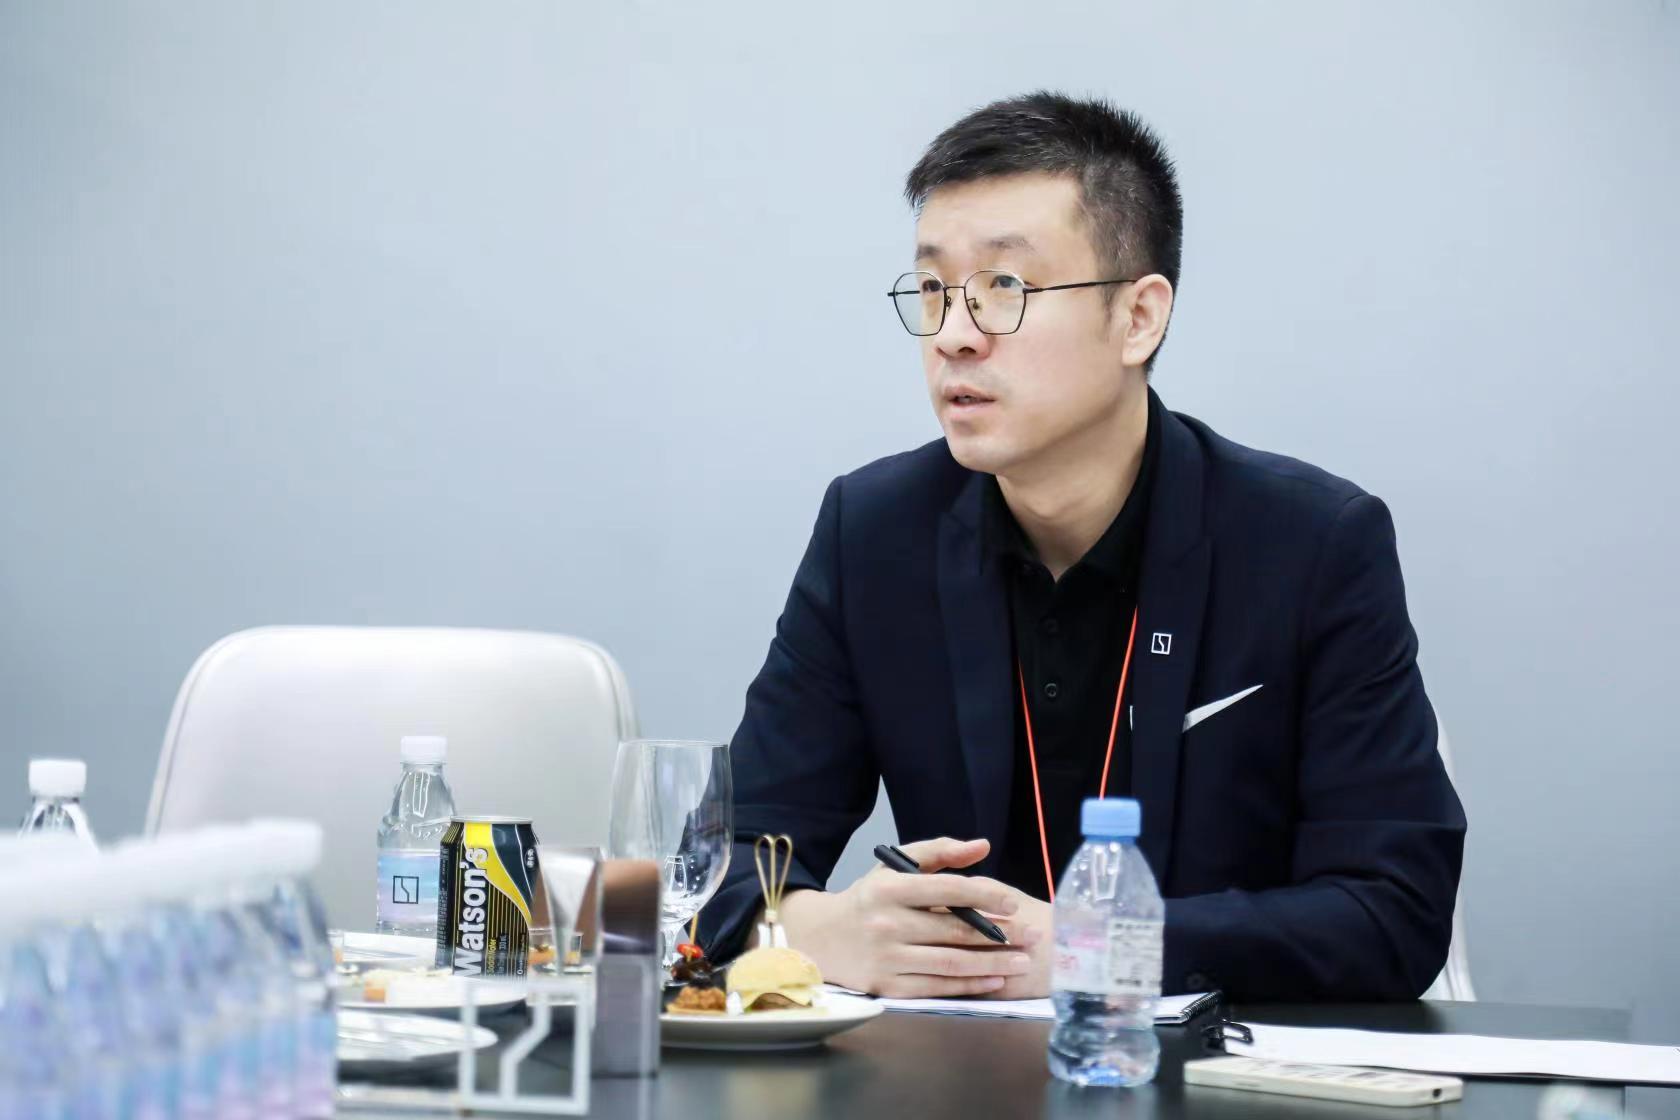 陈小飞:开辟第三赛道的极氪,产生新影响力